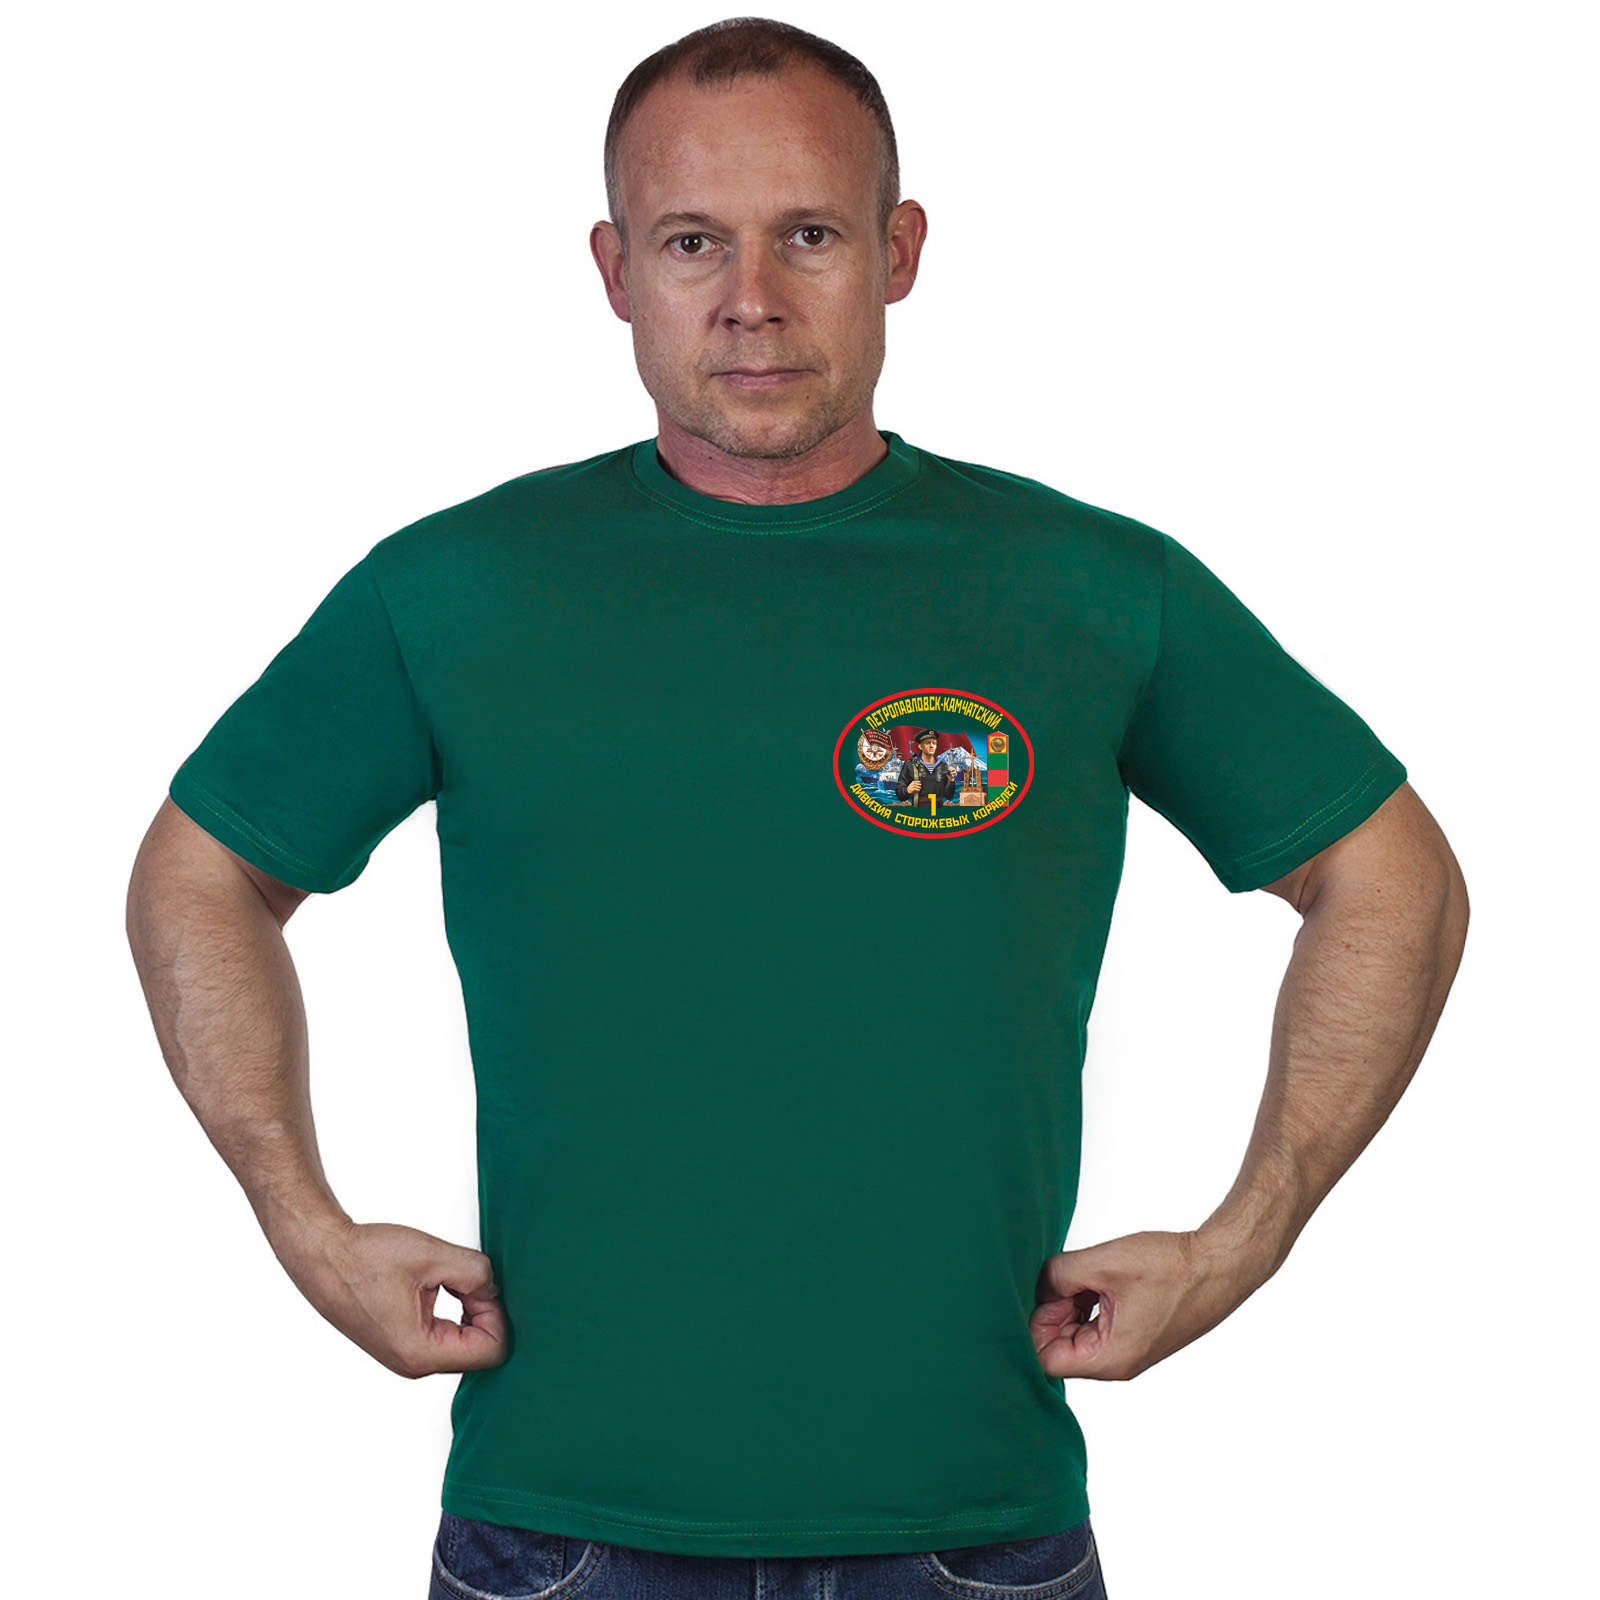 Купить в интернет магазине футболку 1 дивизия ПСКР Петропавловск-Камчатский